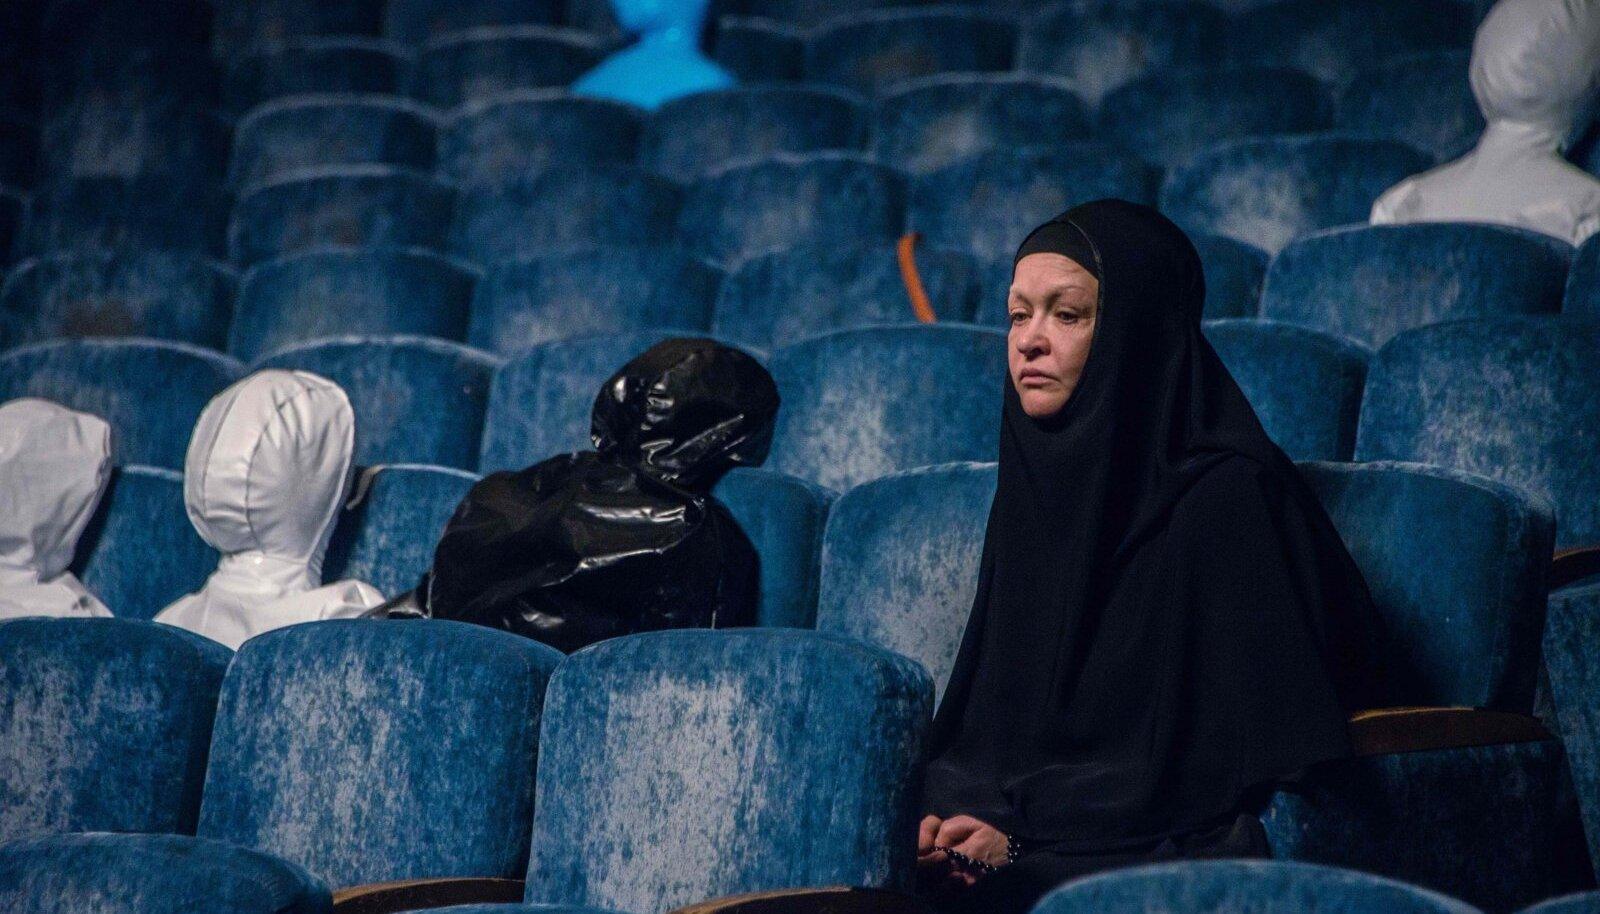 """NAASEB KLOOSTRIST SÜNDMUSPAIKA: Nataša (Natalja Pavlenkova) korraldab vaatamata ametnike vastuseisule Dubrovkas pantvangikriisi mälestusürituse. """"Konverentsi"""" kaastootjariikide hulka kuulub muide ka Eesti ja see on auhindu võitnud nii Kairo, Riia, Sevilla kui ka teistel rahvusvahelistel festivalidel."""